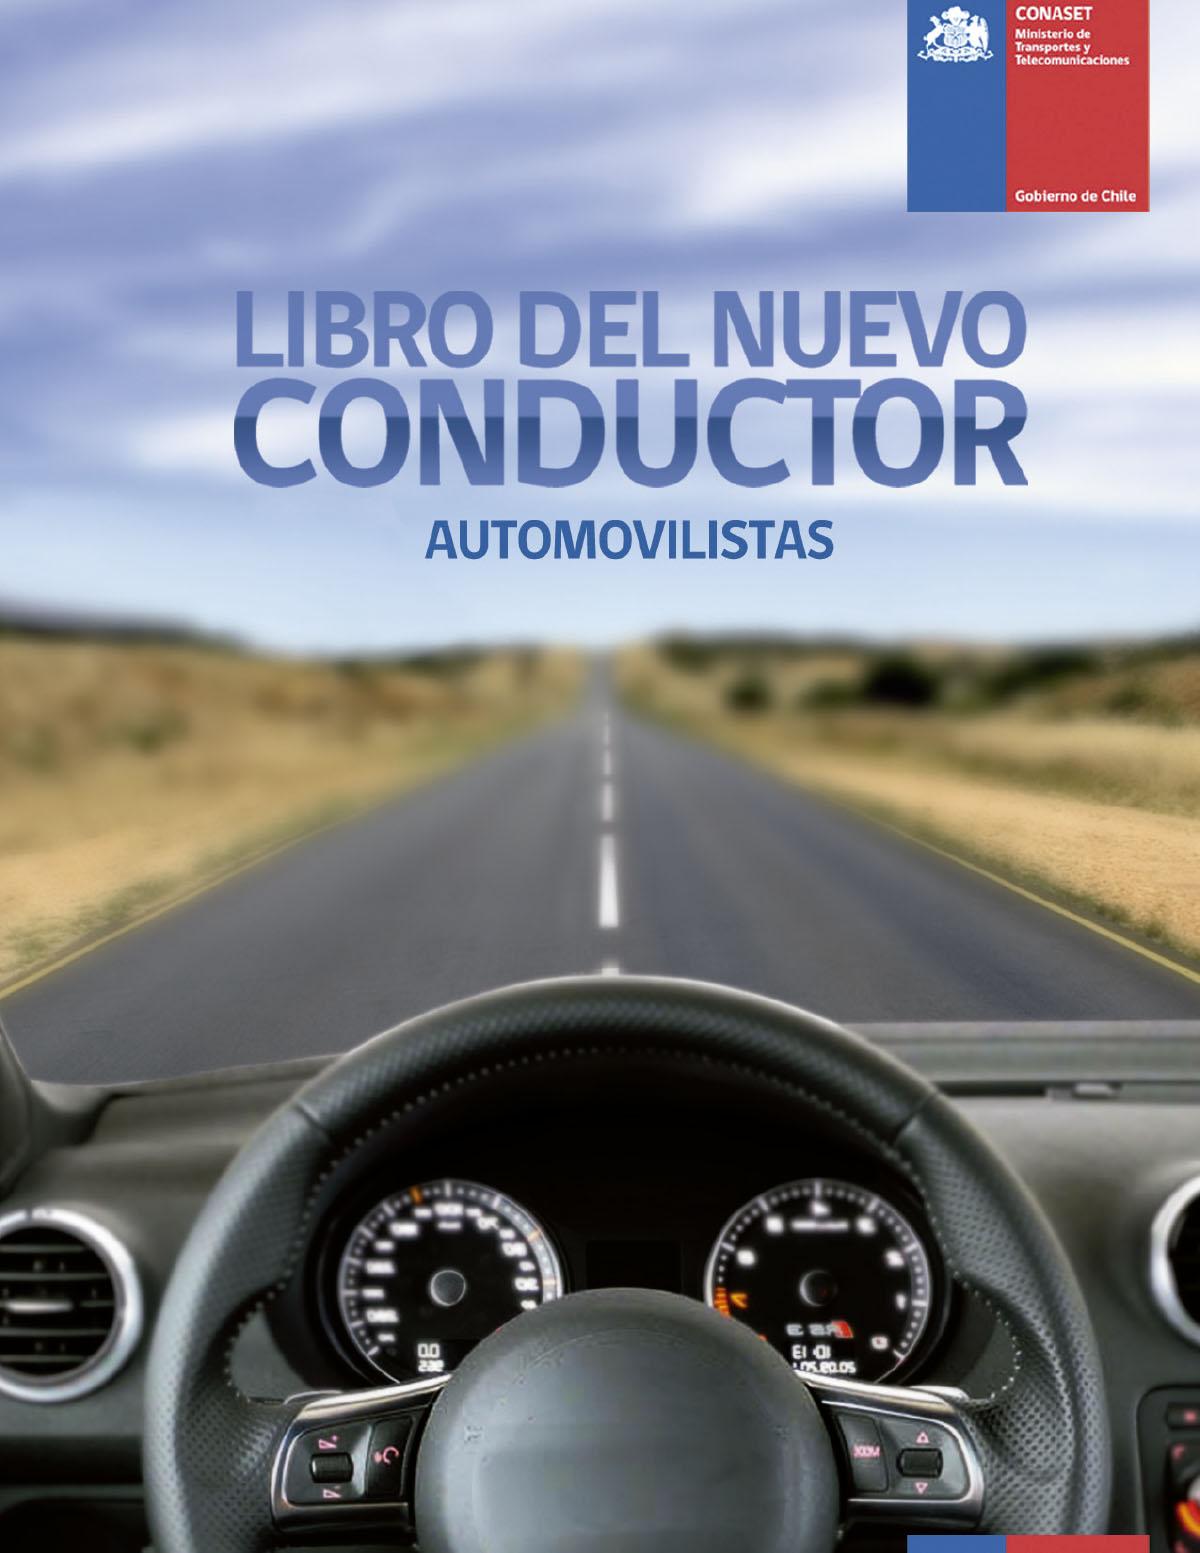 Imagen libro del nuevo conductos automovilista